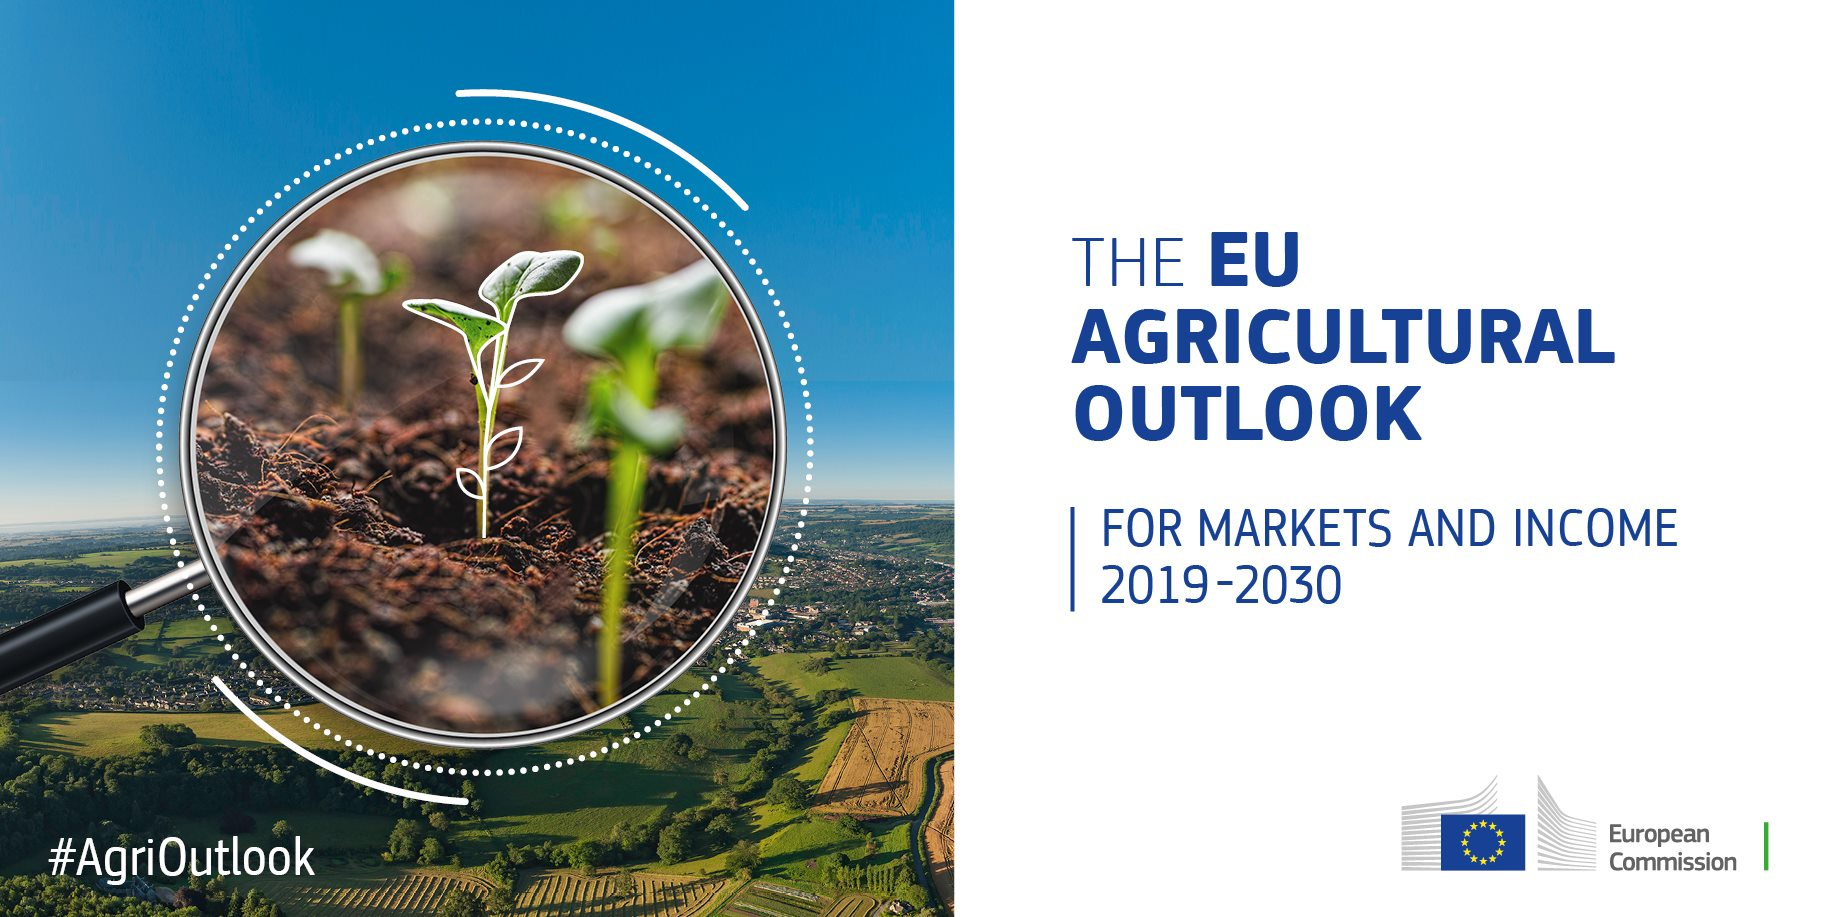 Перспектива на ЕС за селското стопанство 2019-2030